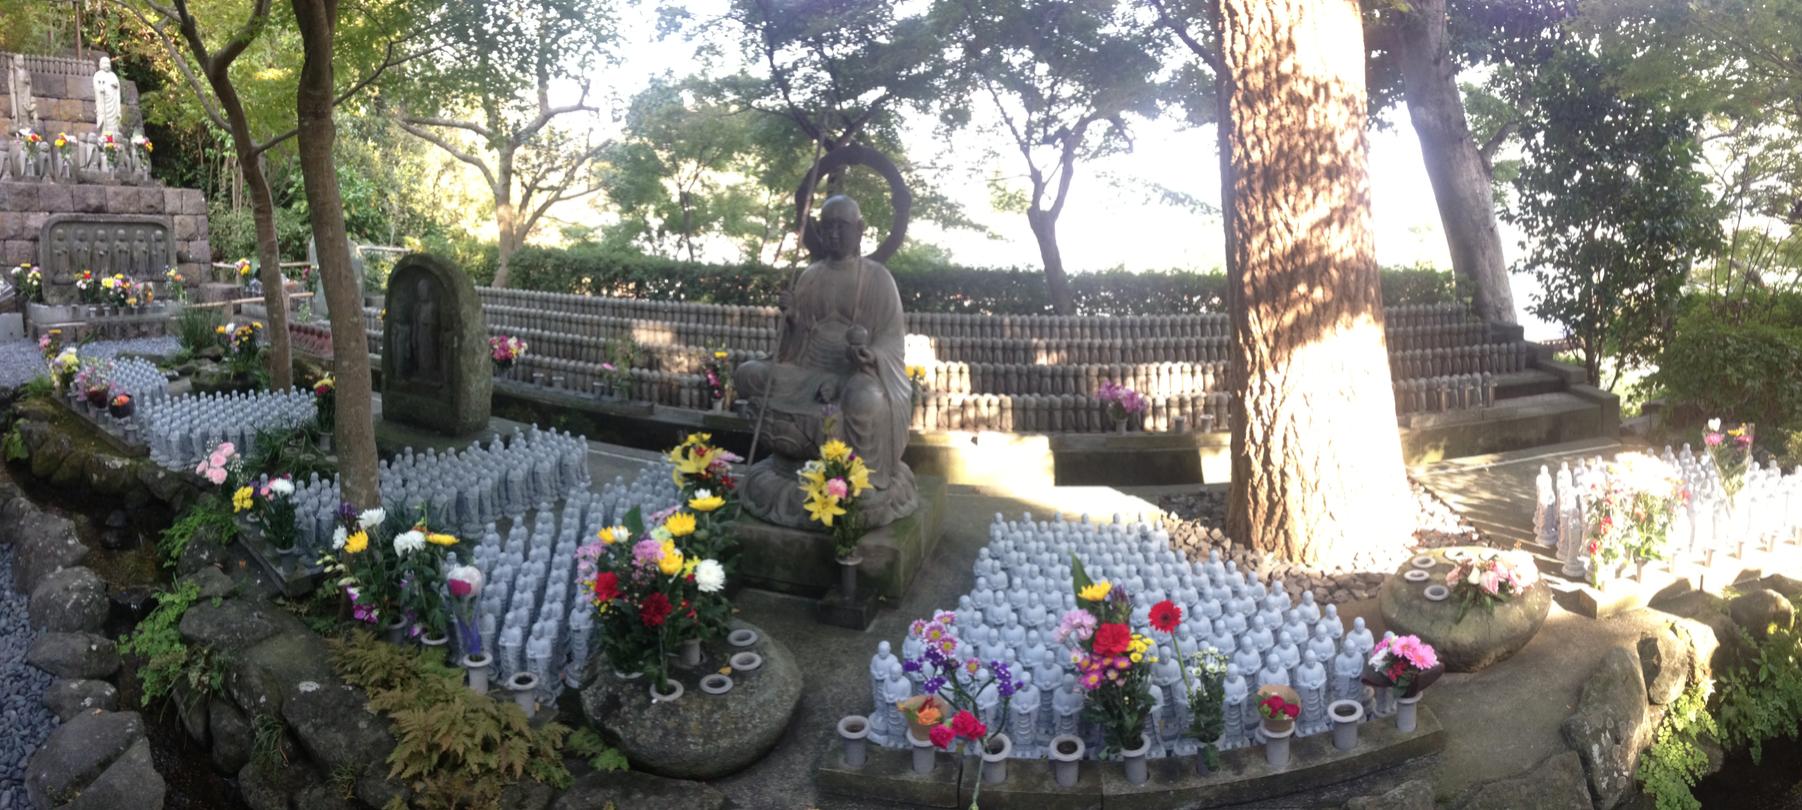 Ojizō-sama statues